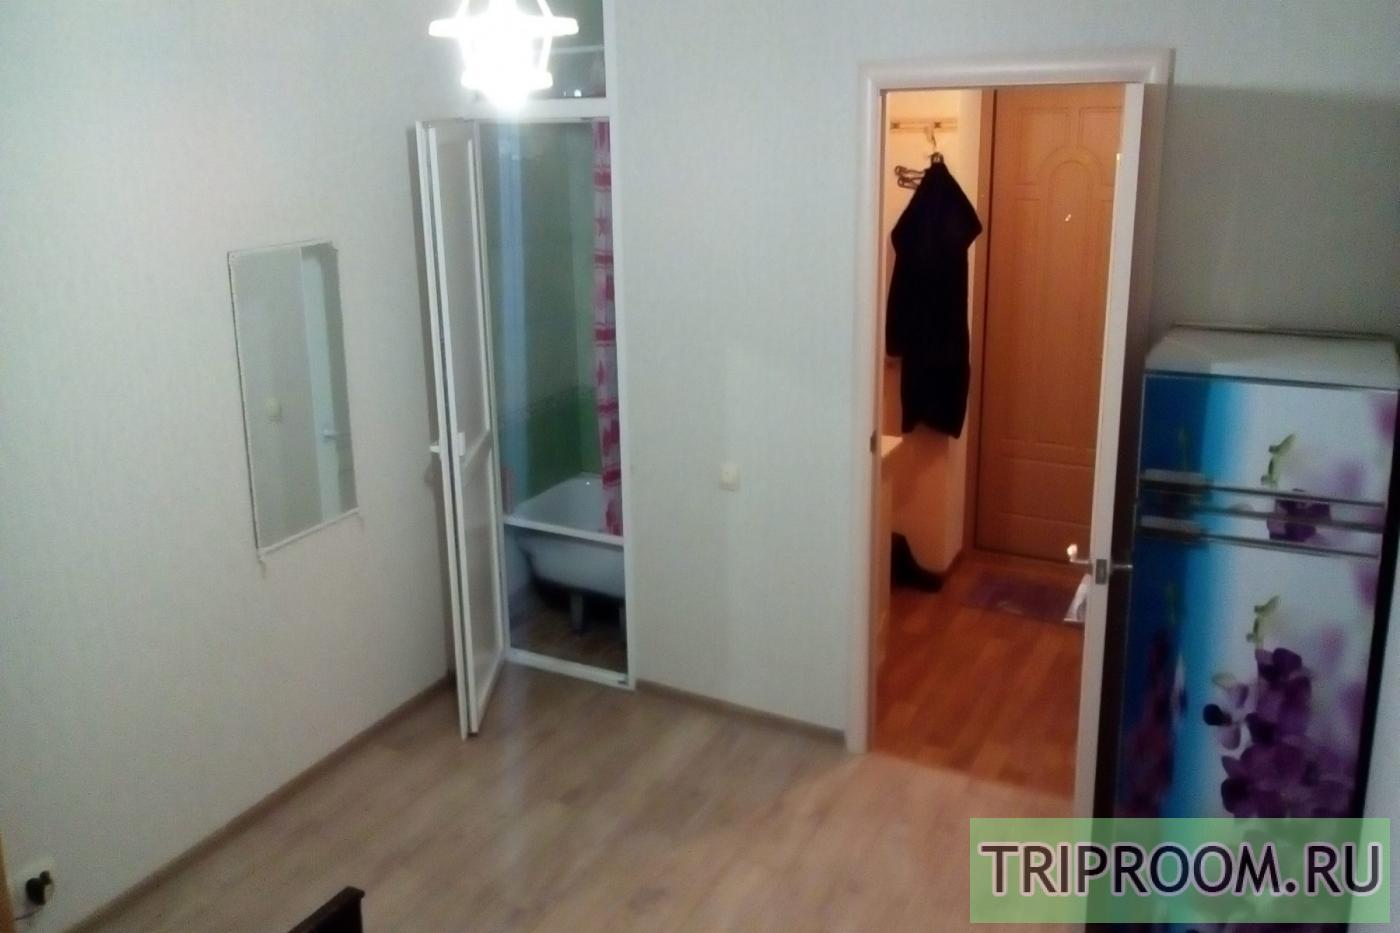 1-комнатная квартира посуточно (вариант № 29839), ул. Бардина улица, фото № 6